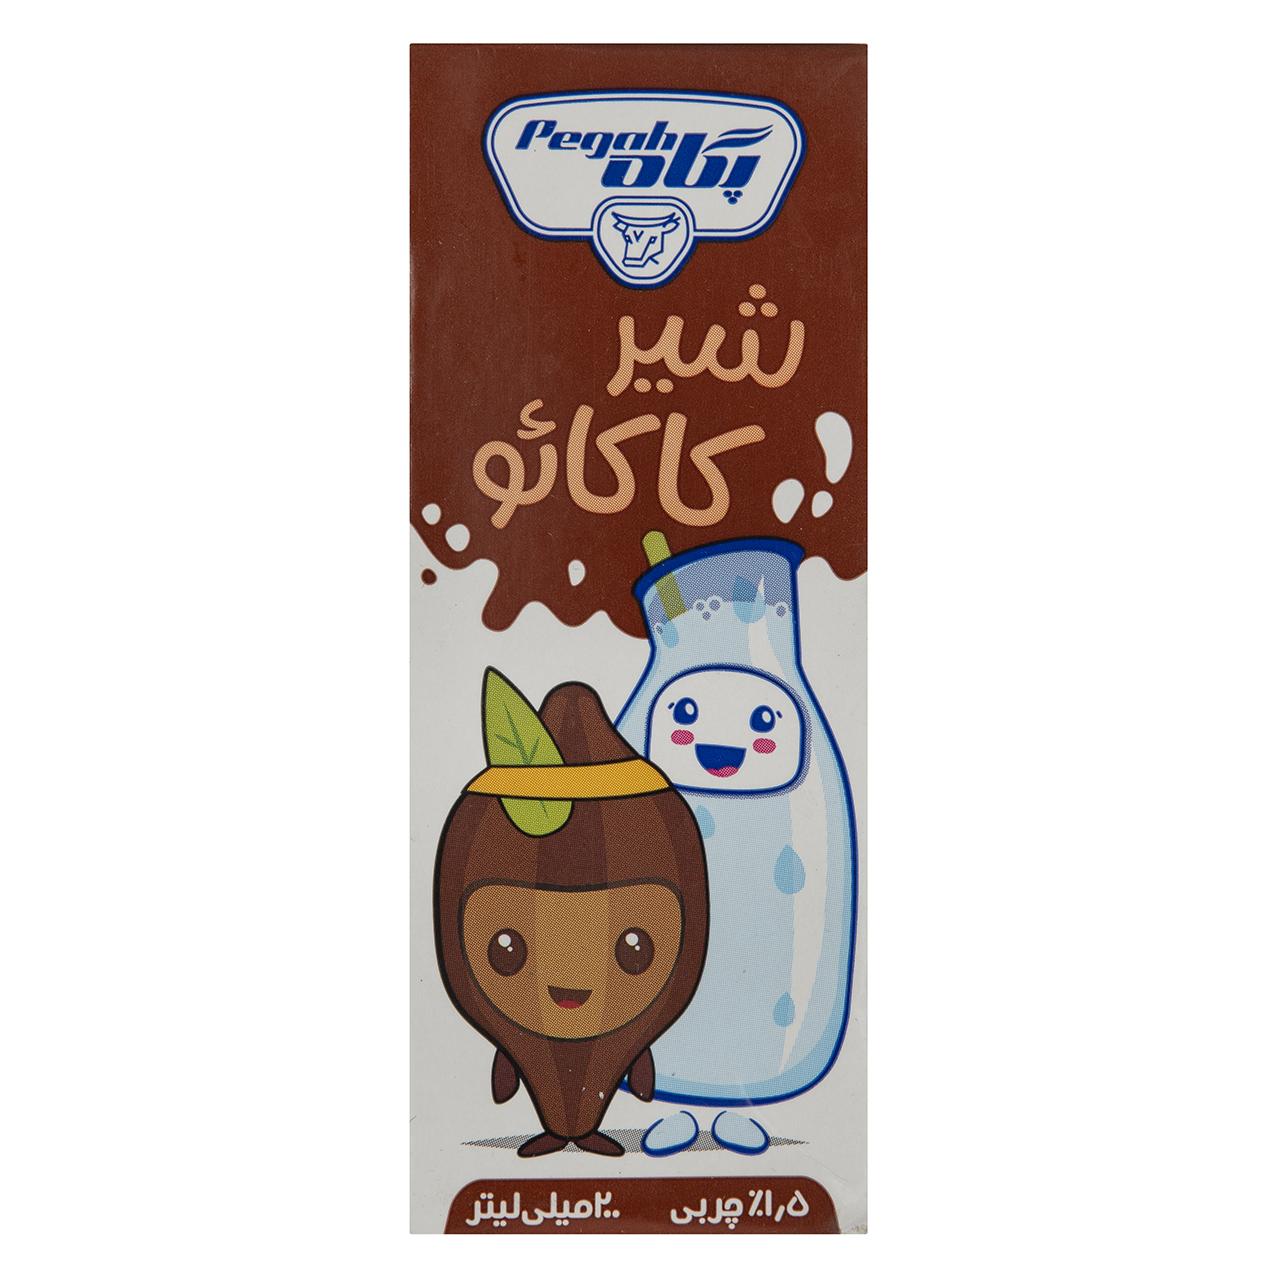 شیر کاکائو پگاه مقدار 0.2 لیتر